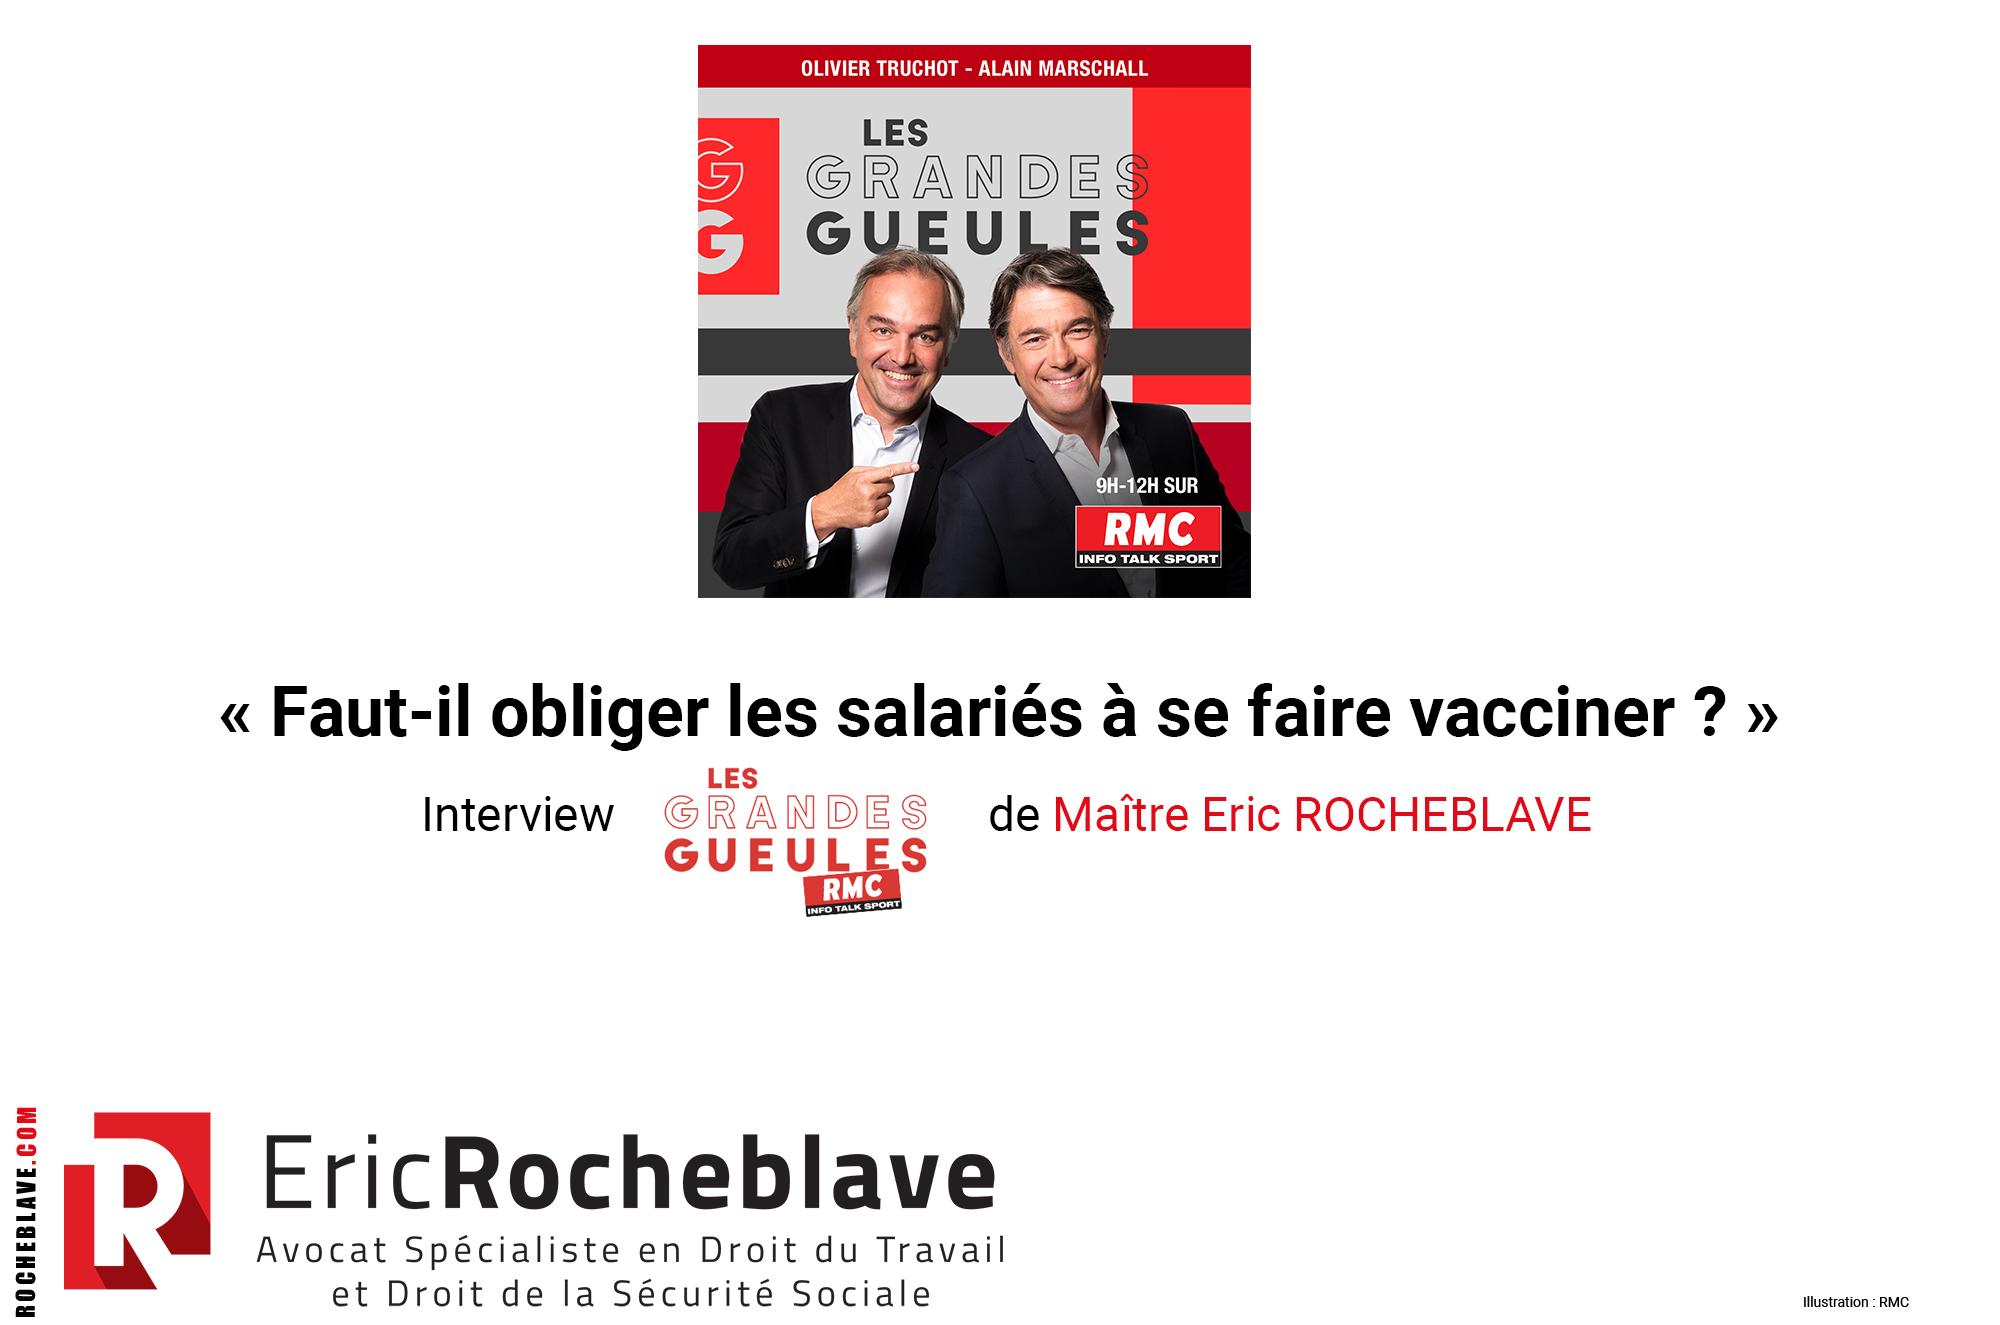 « Faut-il obliger les salariés à se faire vacciner ? » Interview RMC – Les Grandes Gueules de Maître Eric ROCHEBLAVE